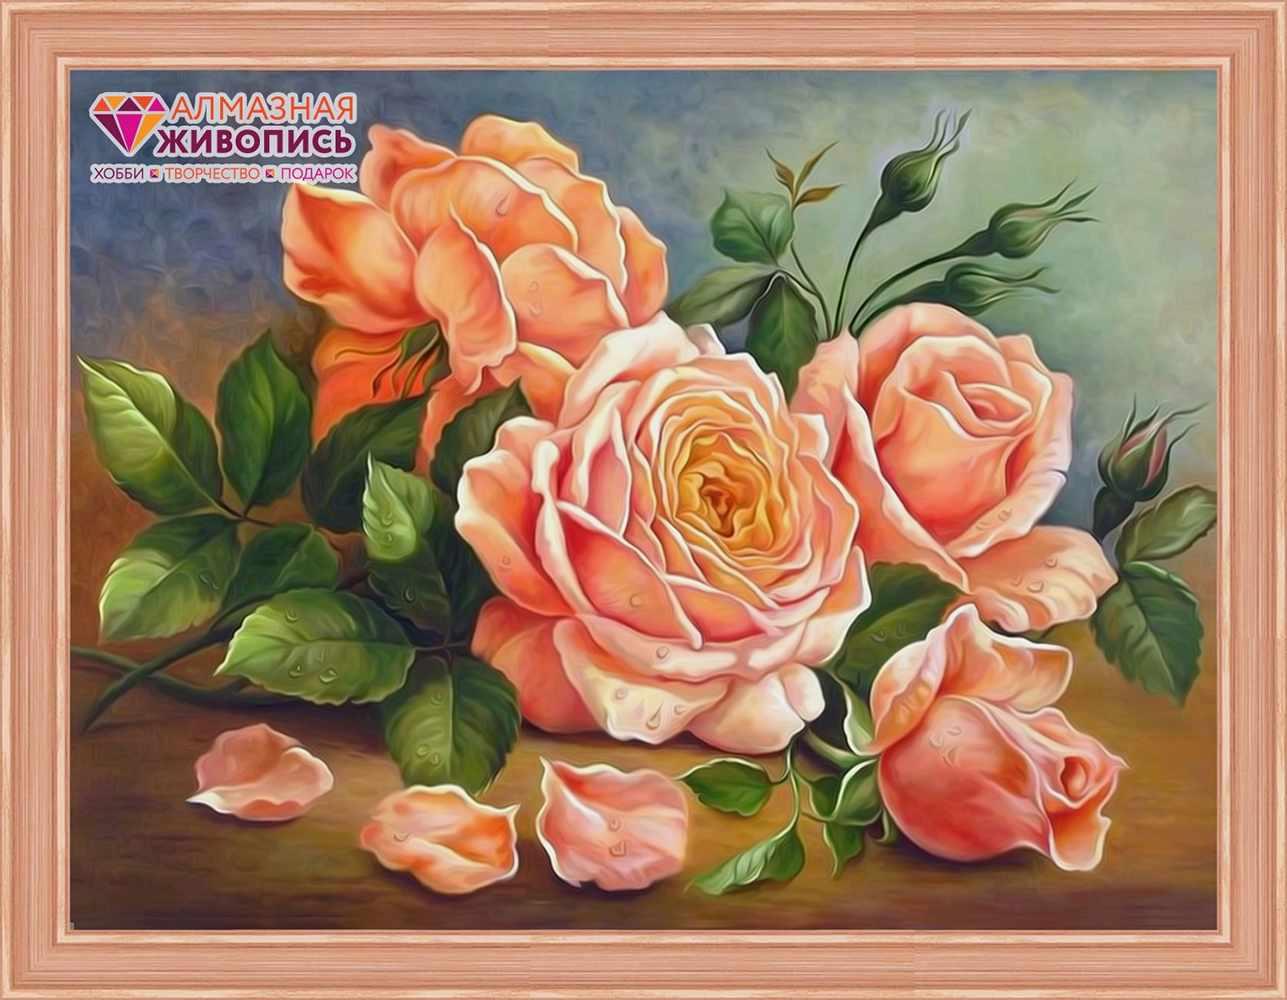 Алмазная вышивка Ароматные розы (АЖ-1514) - картина стразами